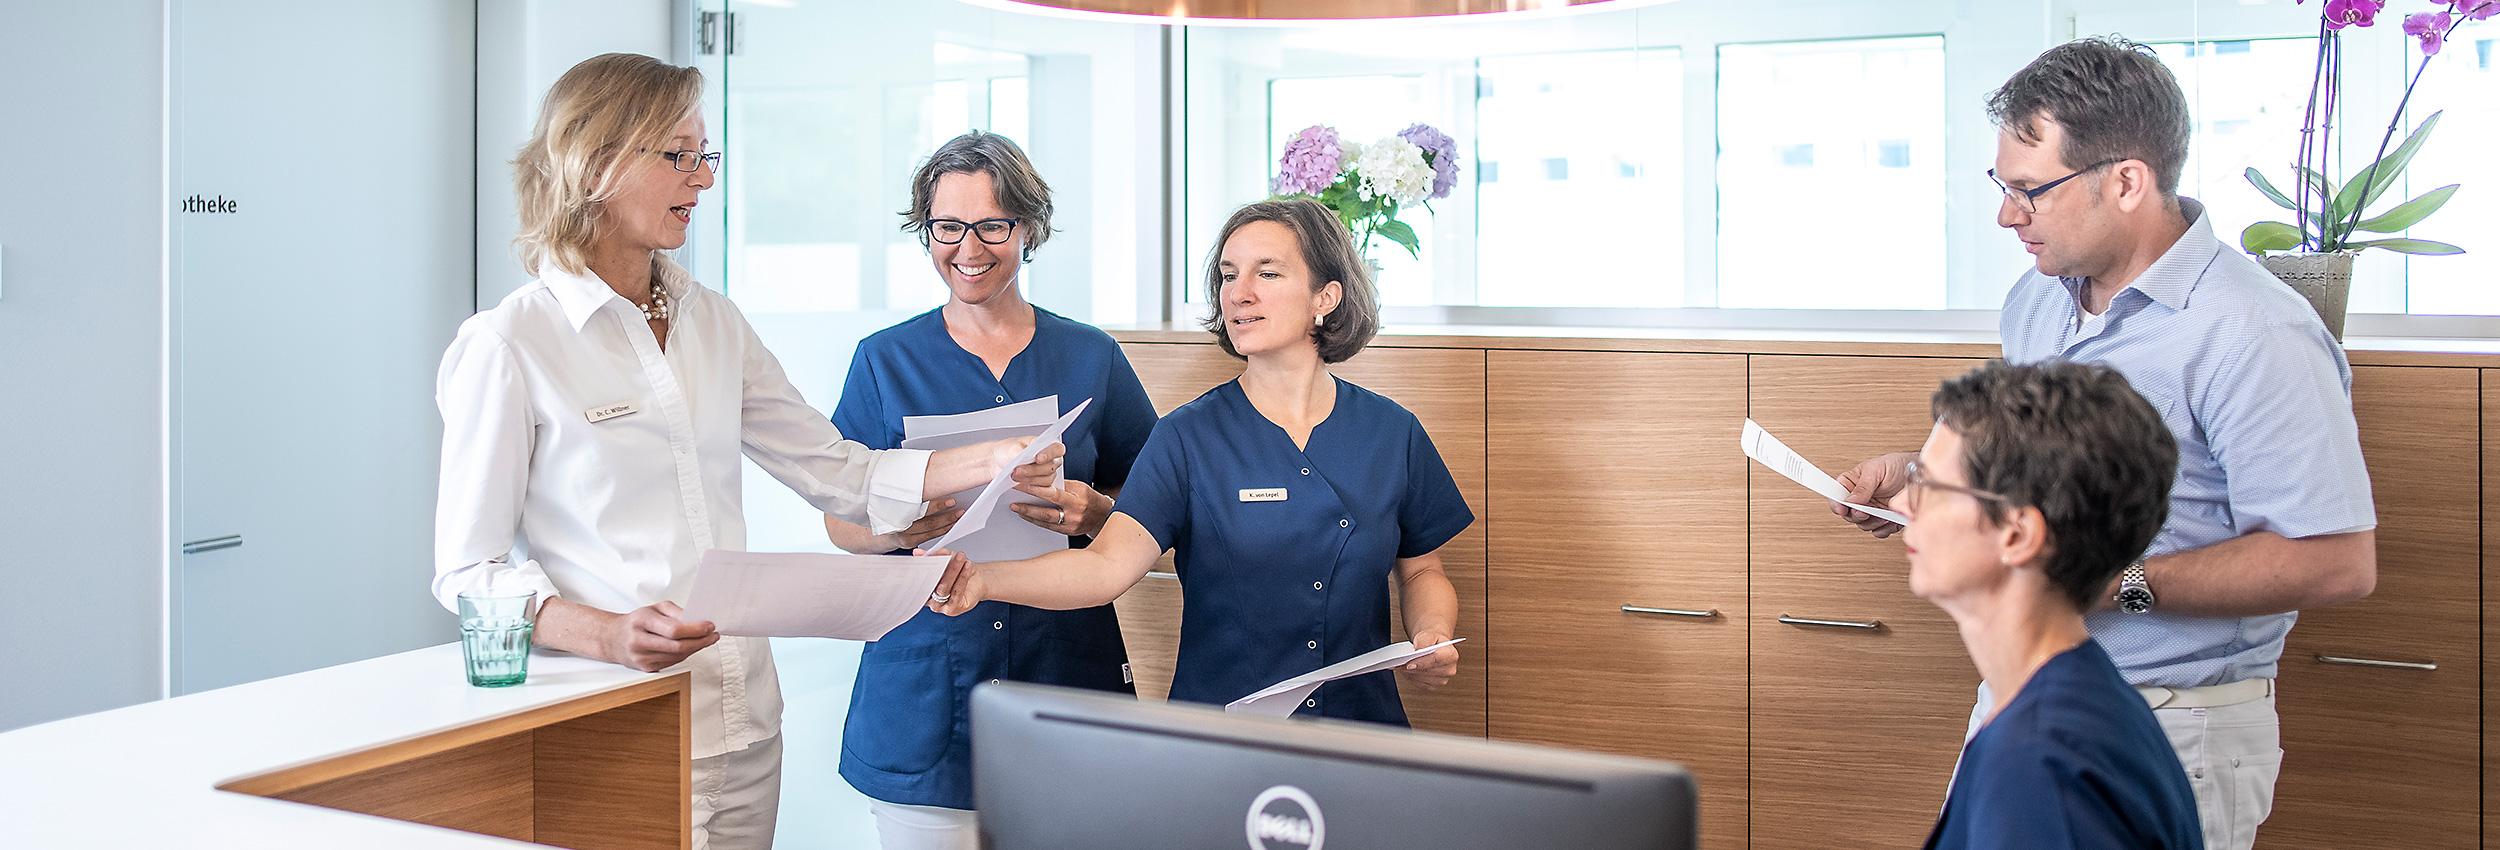 Frauenarzt Praxis Claus Platten